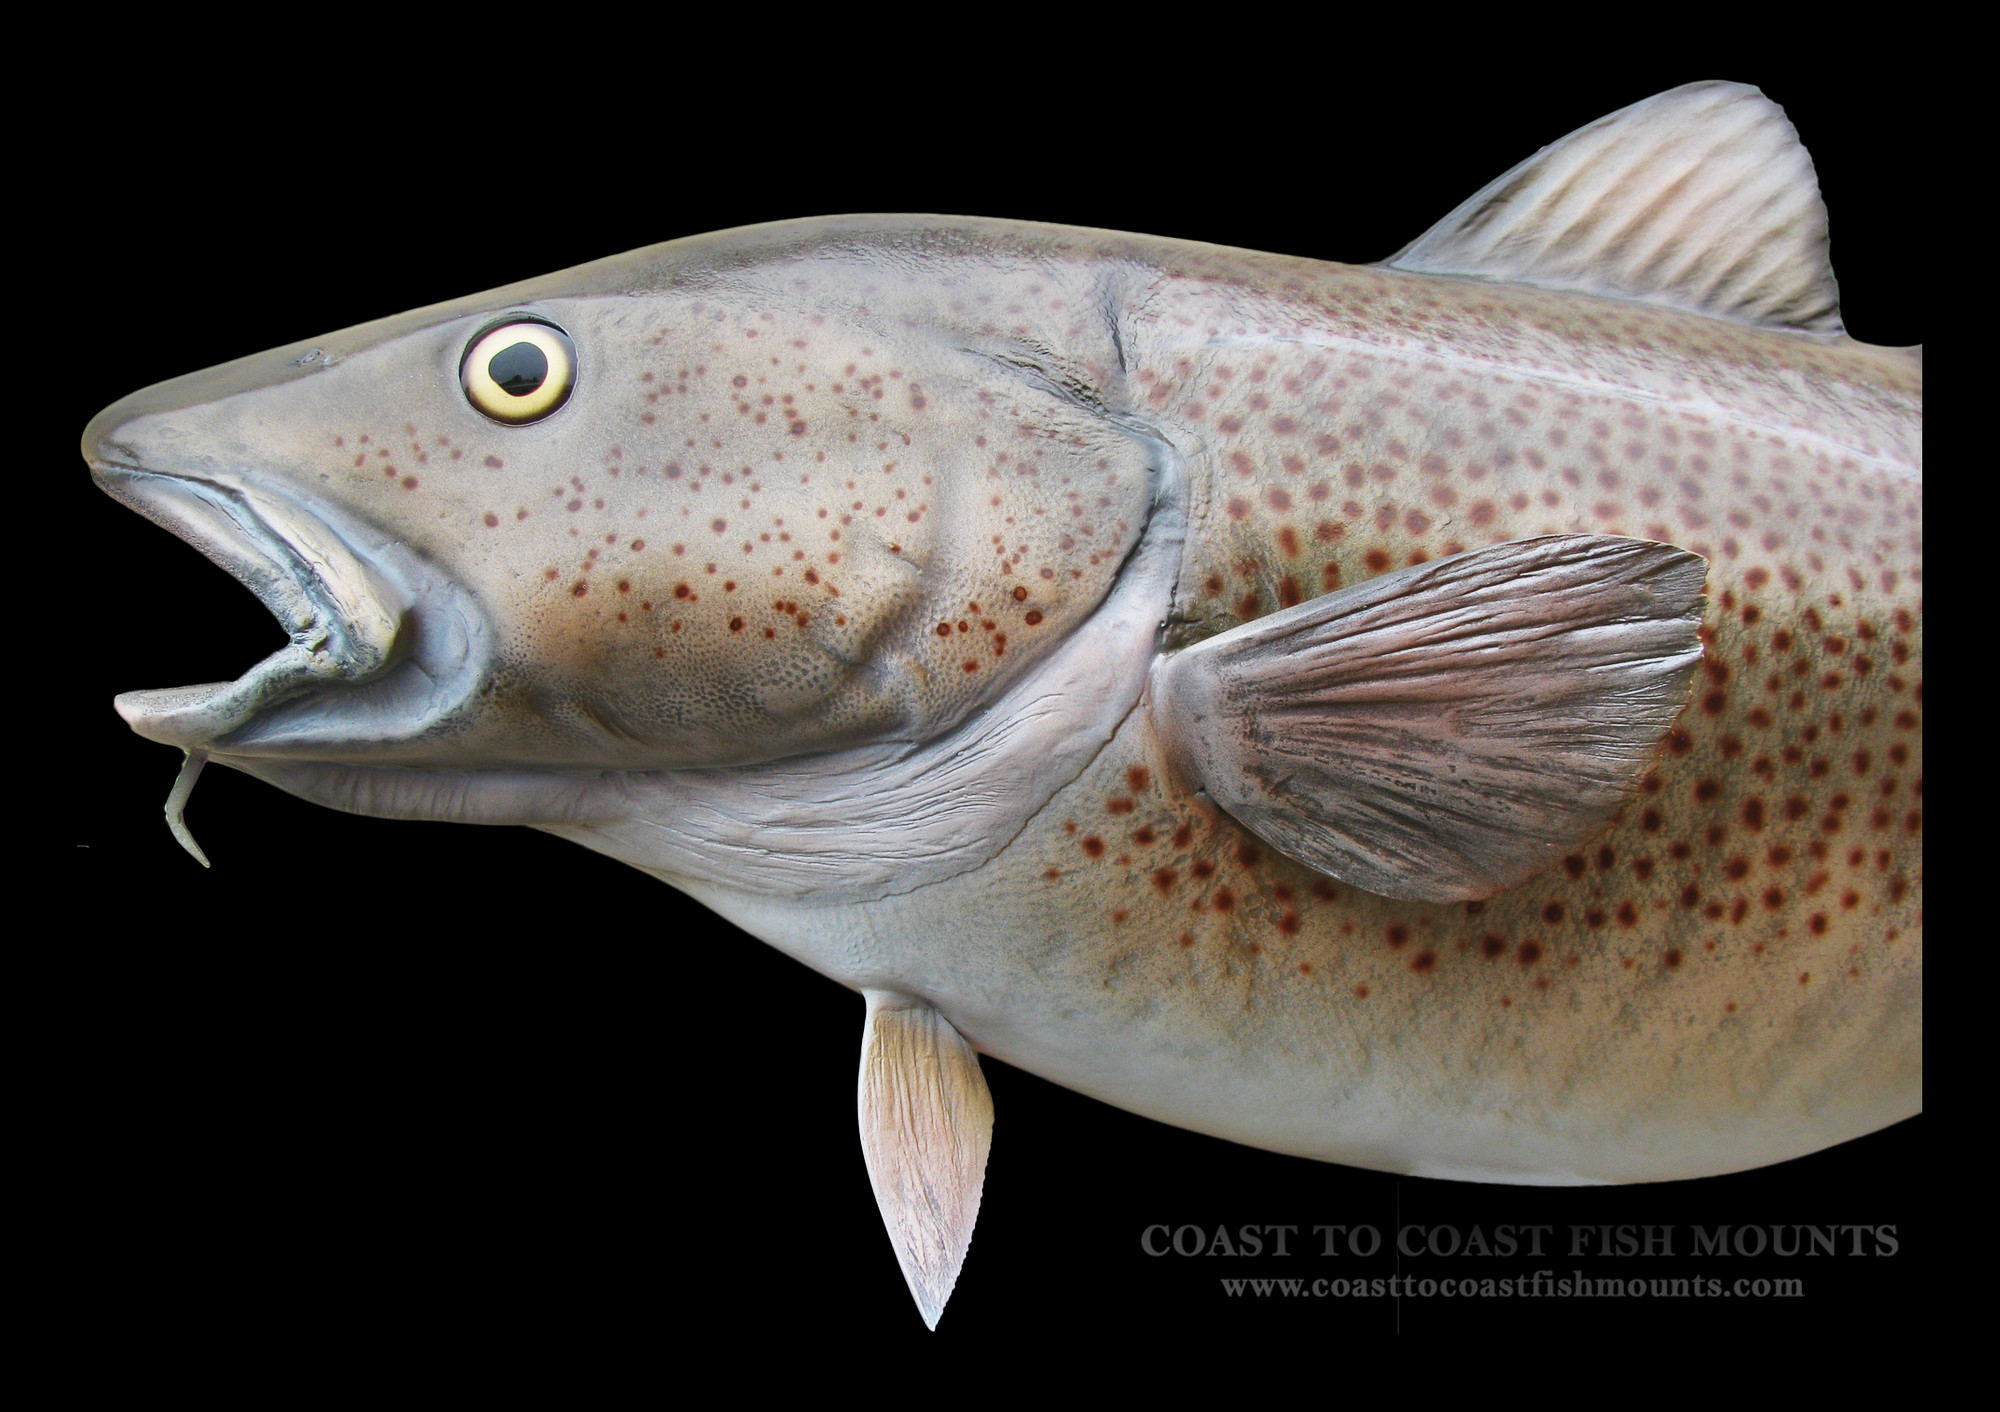 Cod fisheries